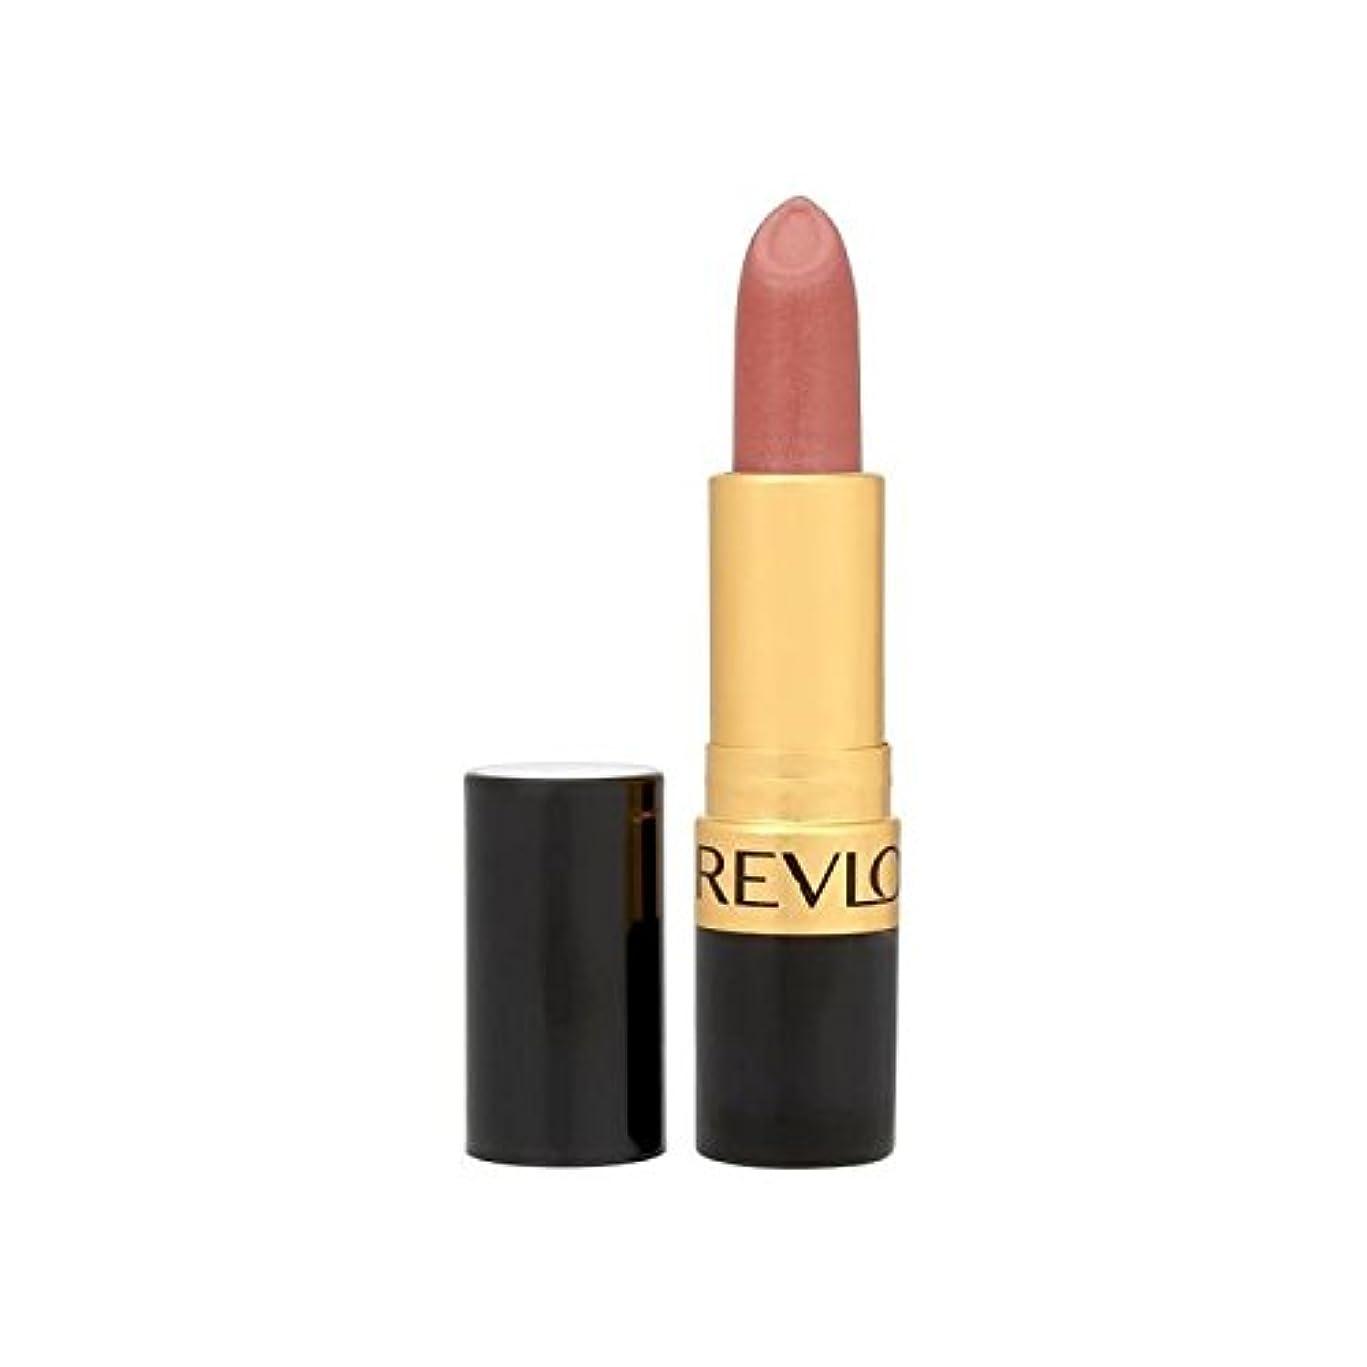 パット嫌がる硬さレブロンスーパー光沢のある口紅は420を赤らめ x4 - Revlon Super Lustrous Lipstick Blushed 420 (Pack of 4) [並行輸入品]